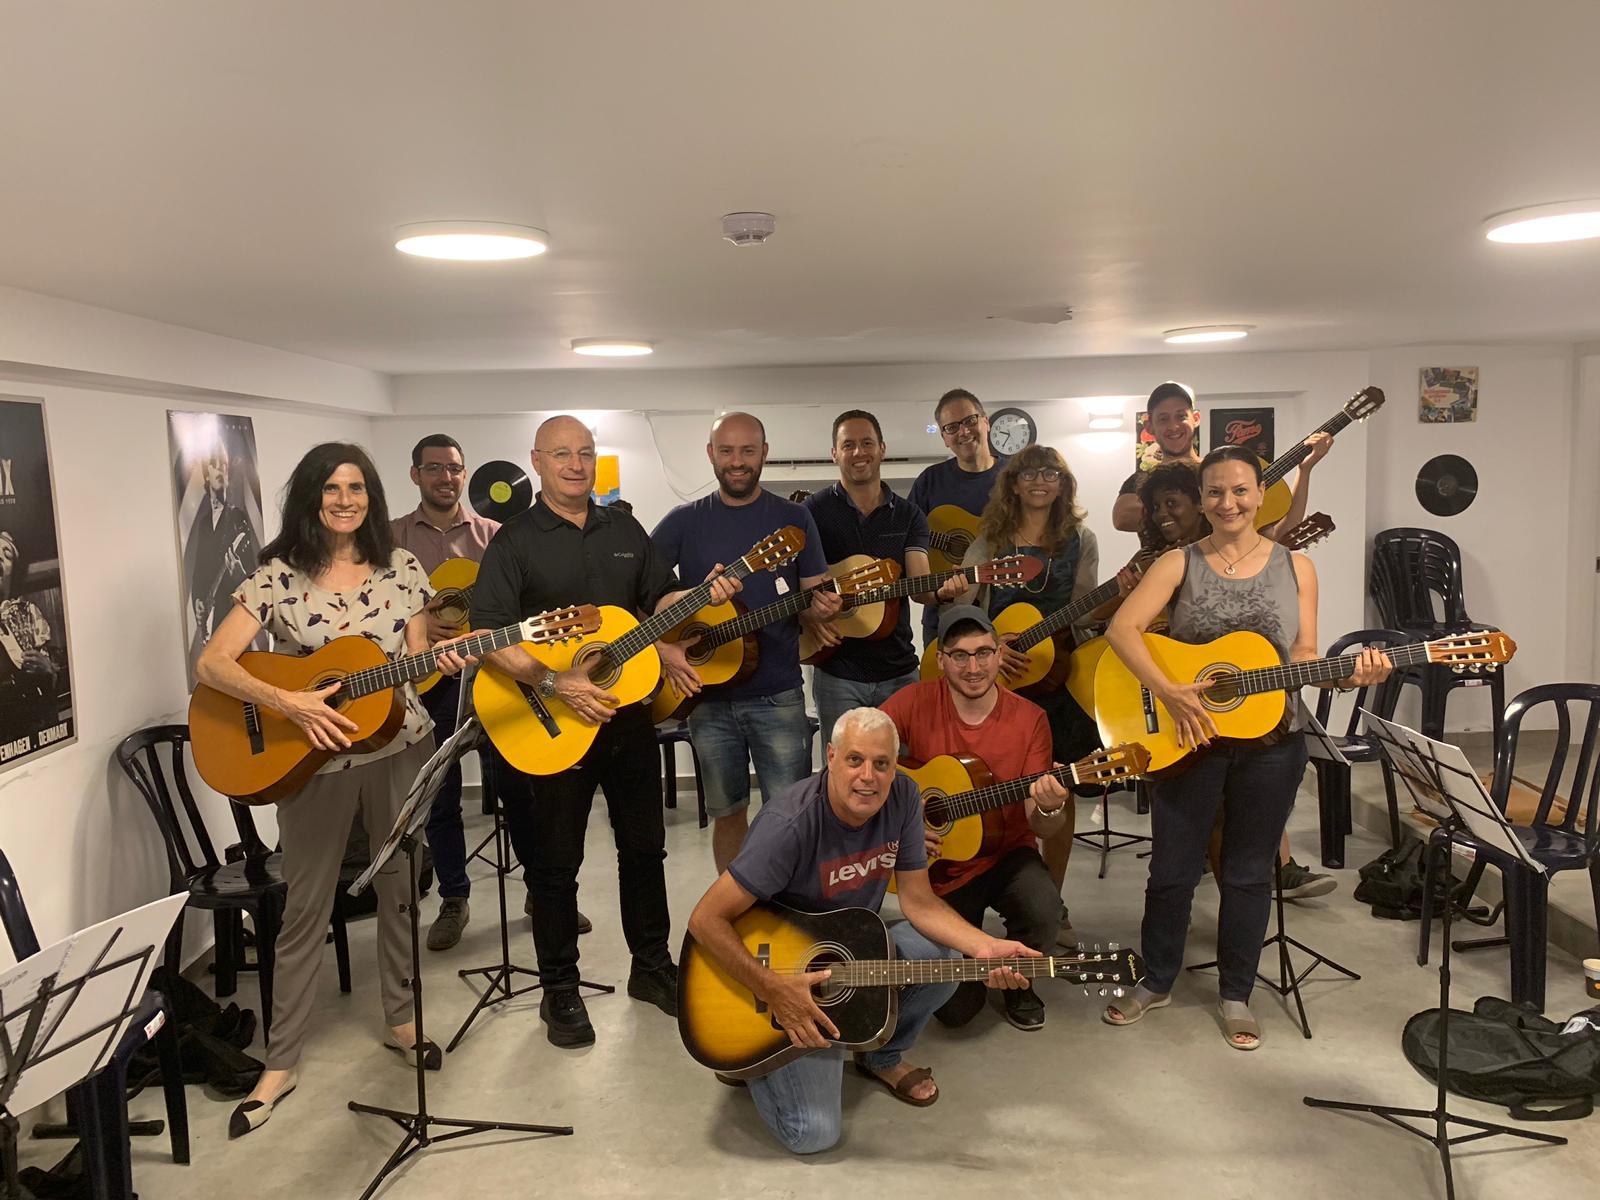 מורה לגיטרה בחיפה